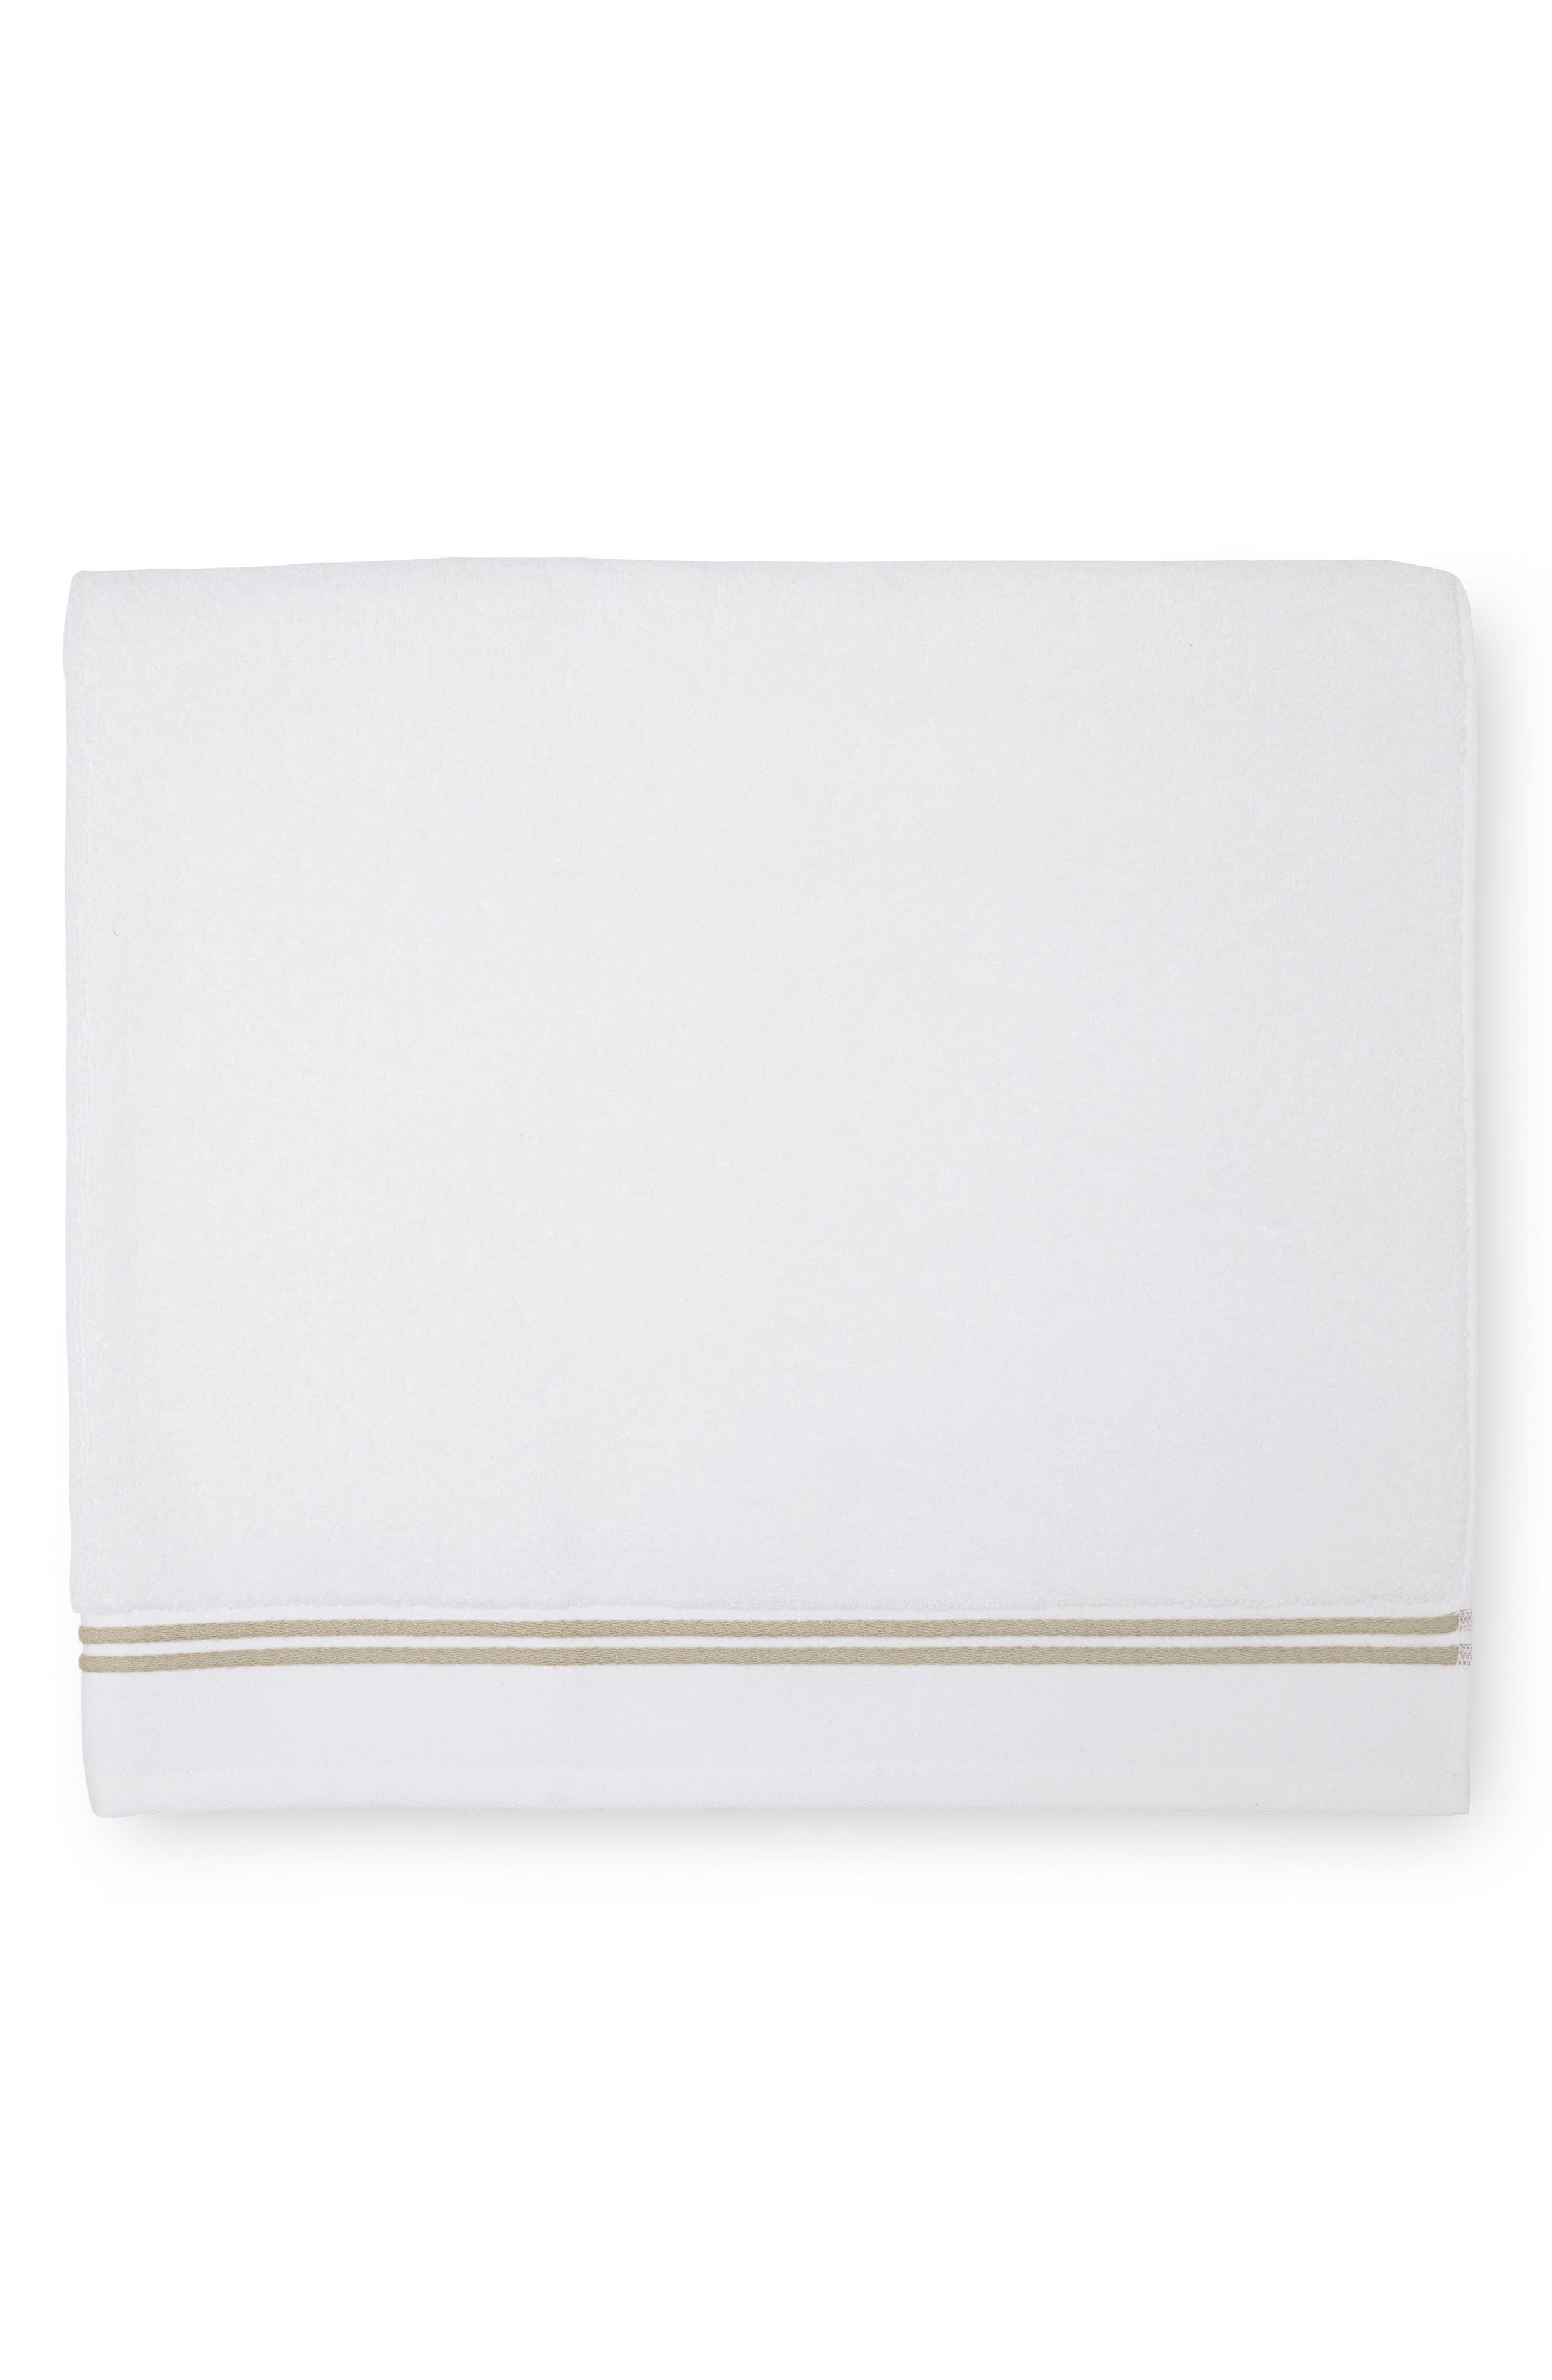 Aura Bath Sheet,                         Main,                         color, White/ Almond